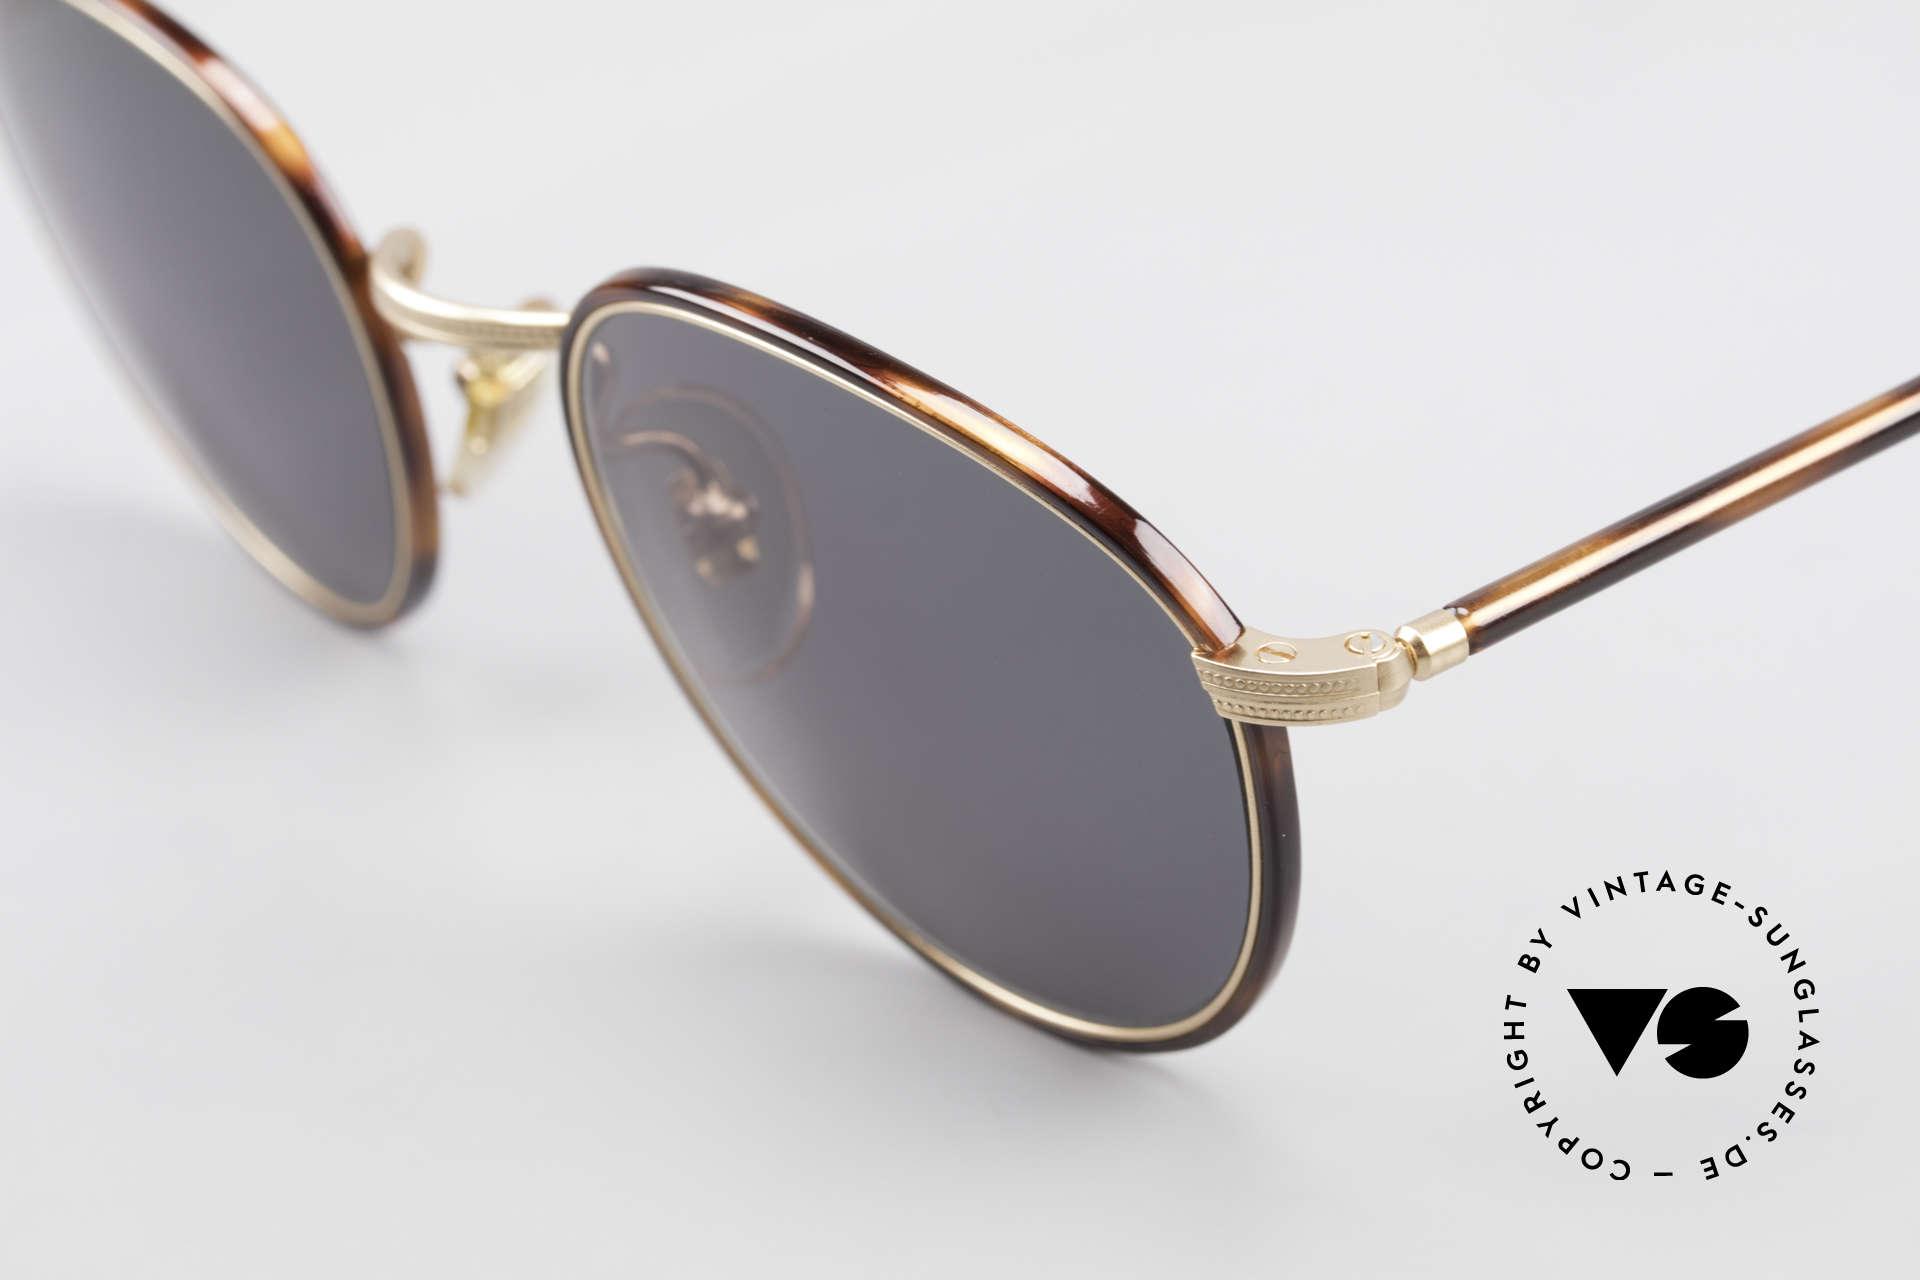 Cutler And Gross 0352 Panto Vintage Sonnenbrille, sehr elegante Kombination von Materialien und Farben, Passend für Herren und Damen